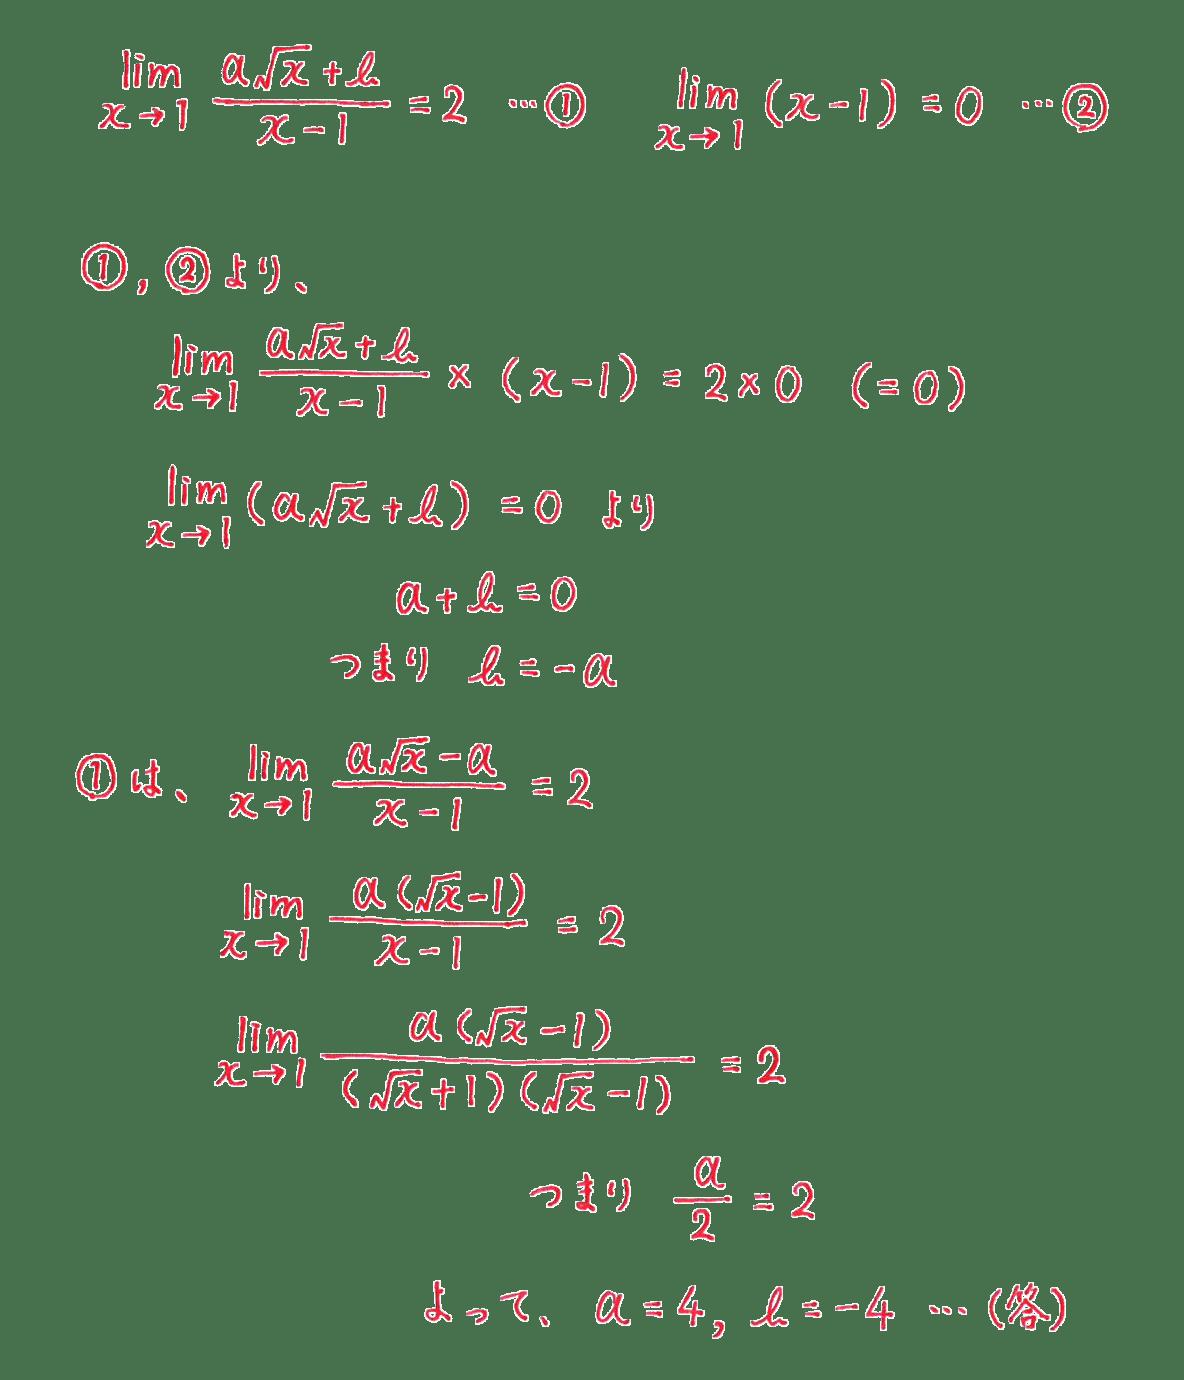 極限24 問題 答えすべて